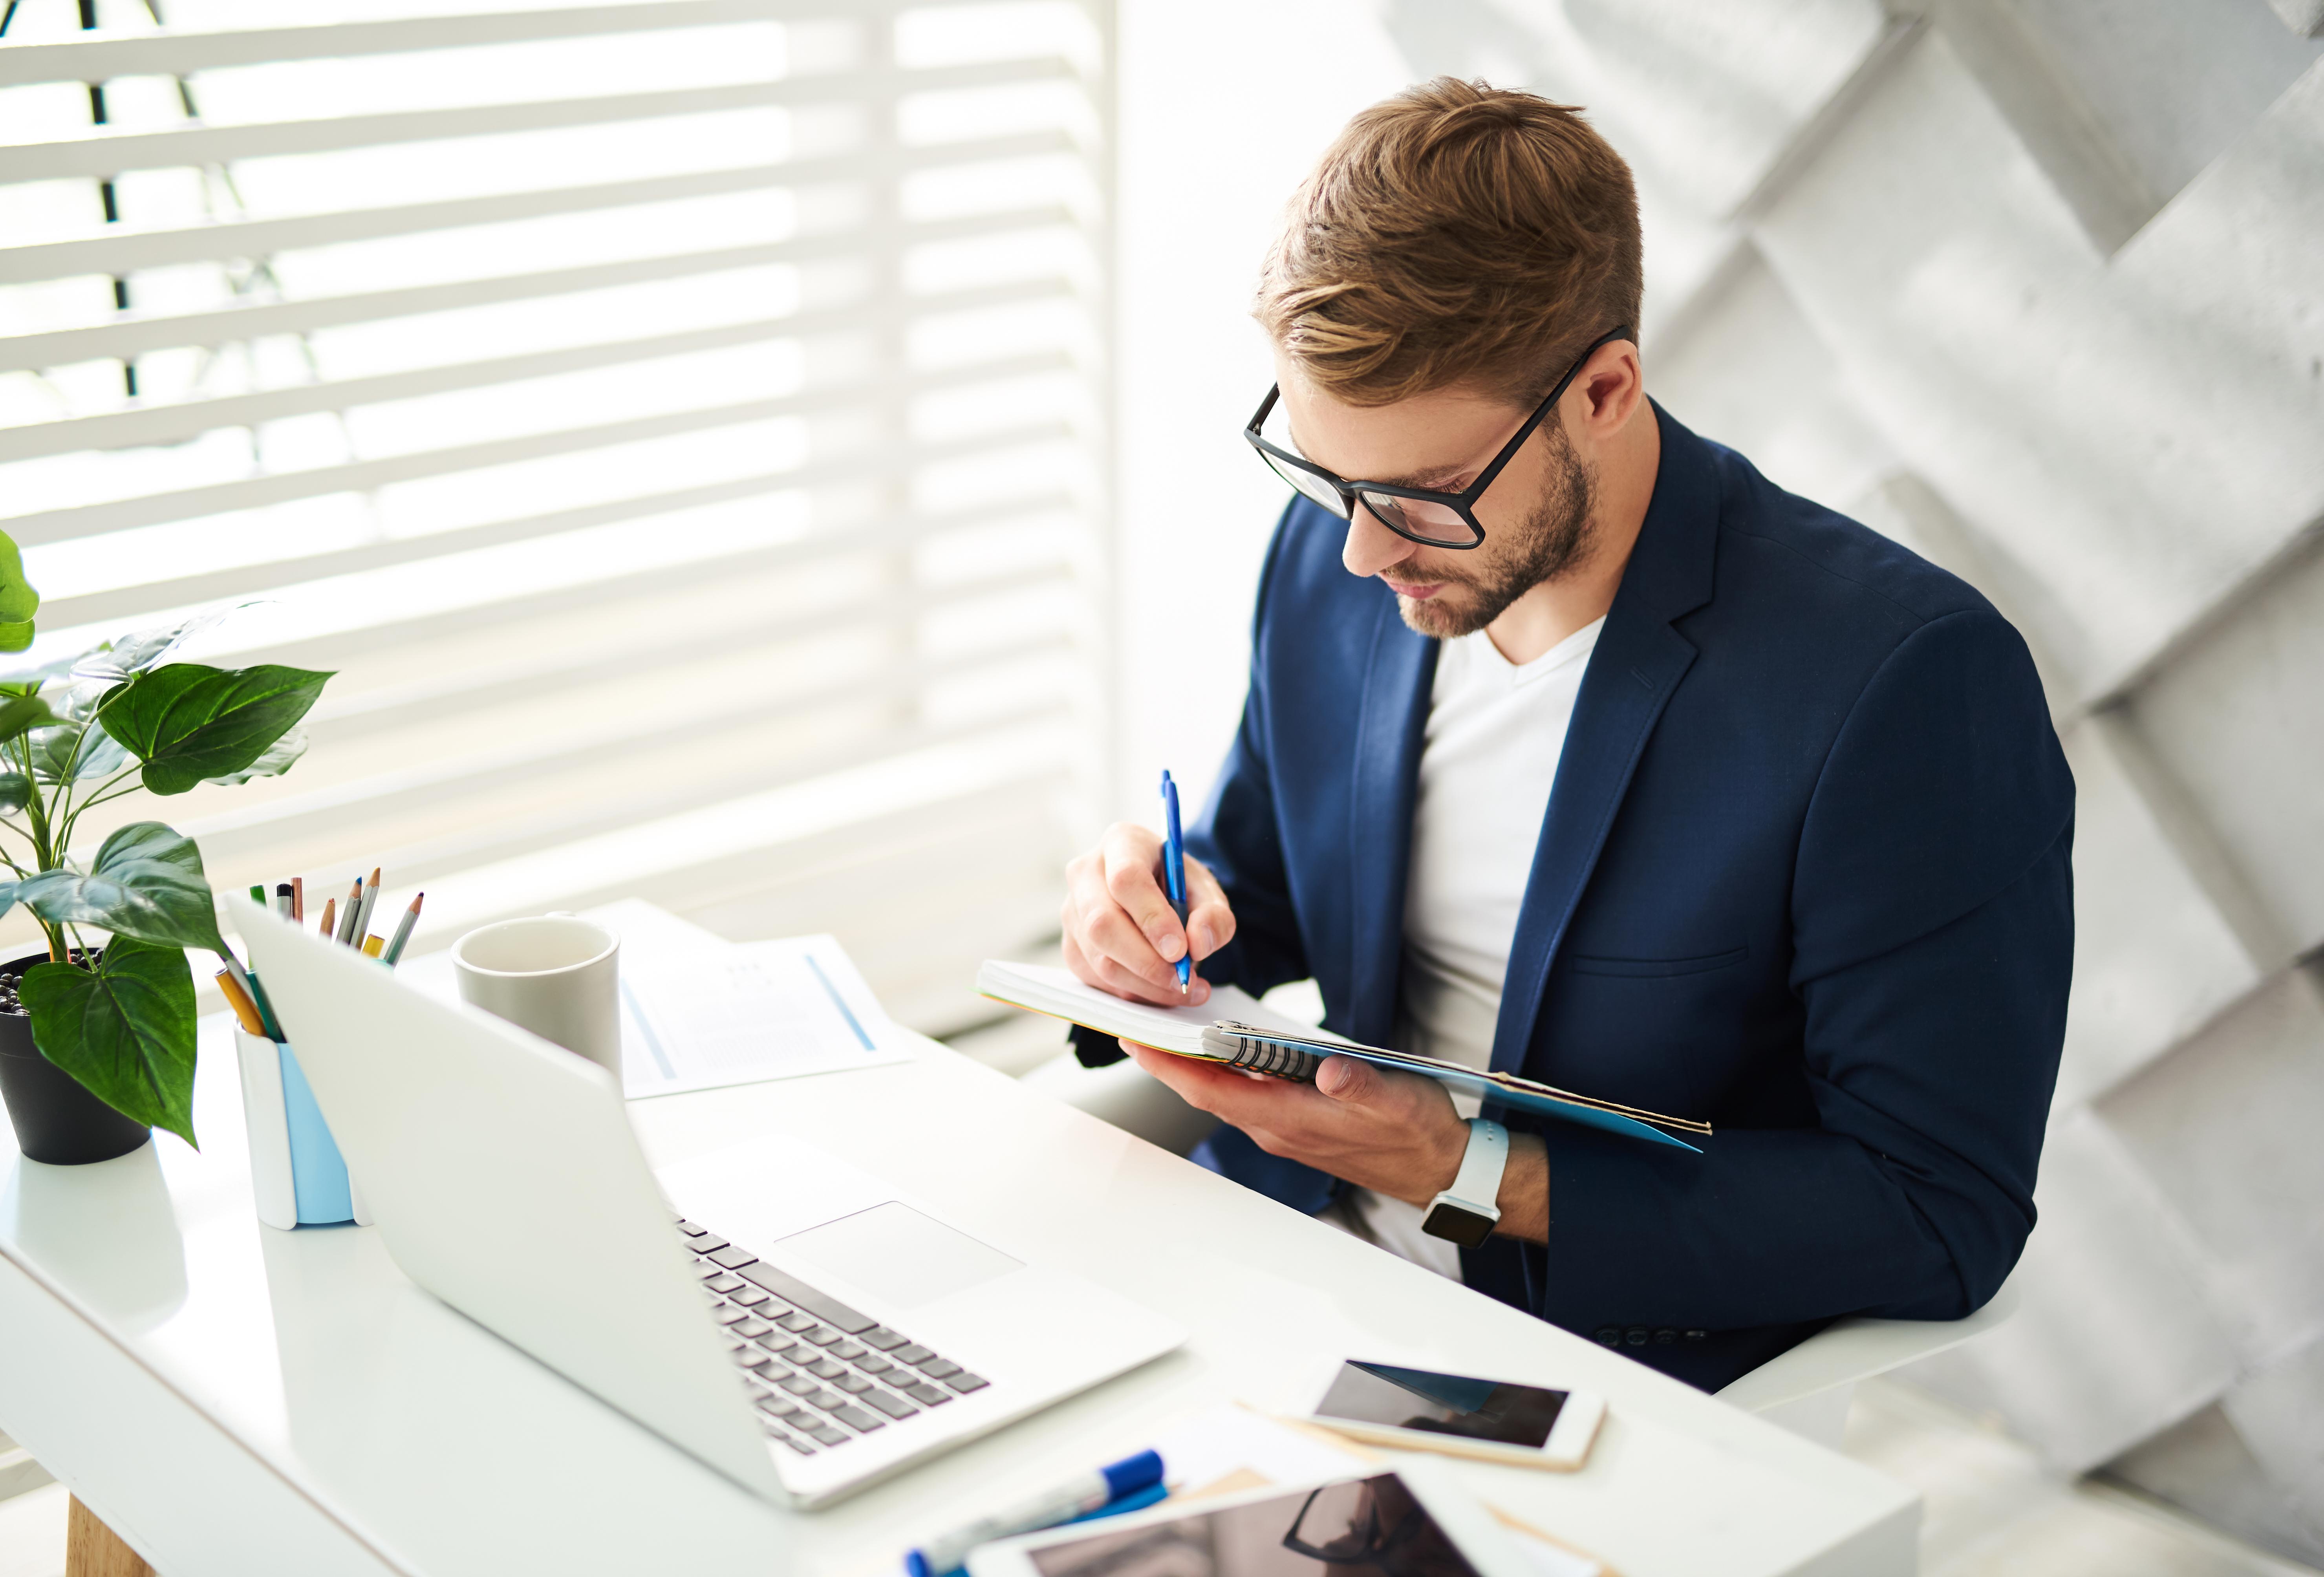 ¿Quieres crecer profesionalmente? Crea un diario de éxito